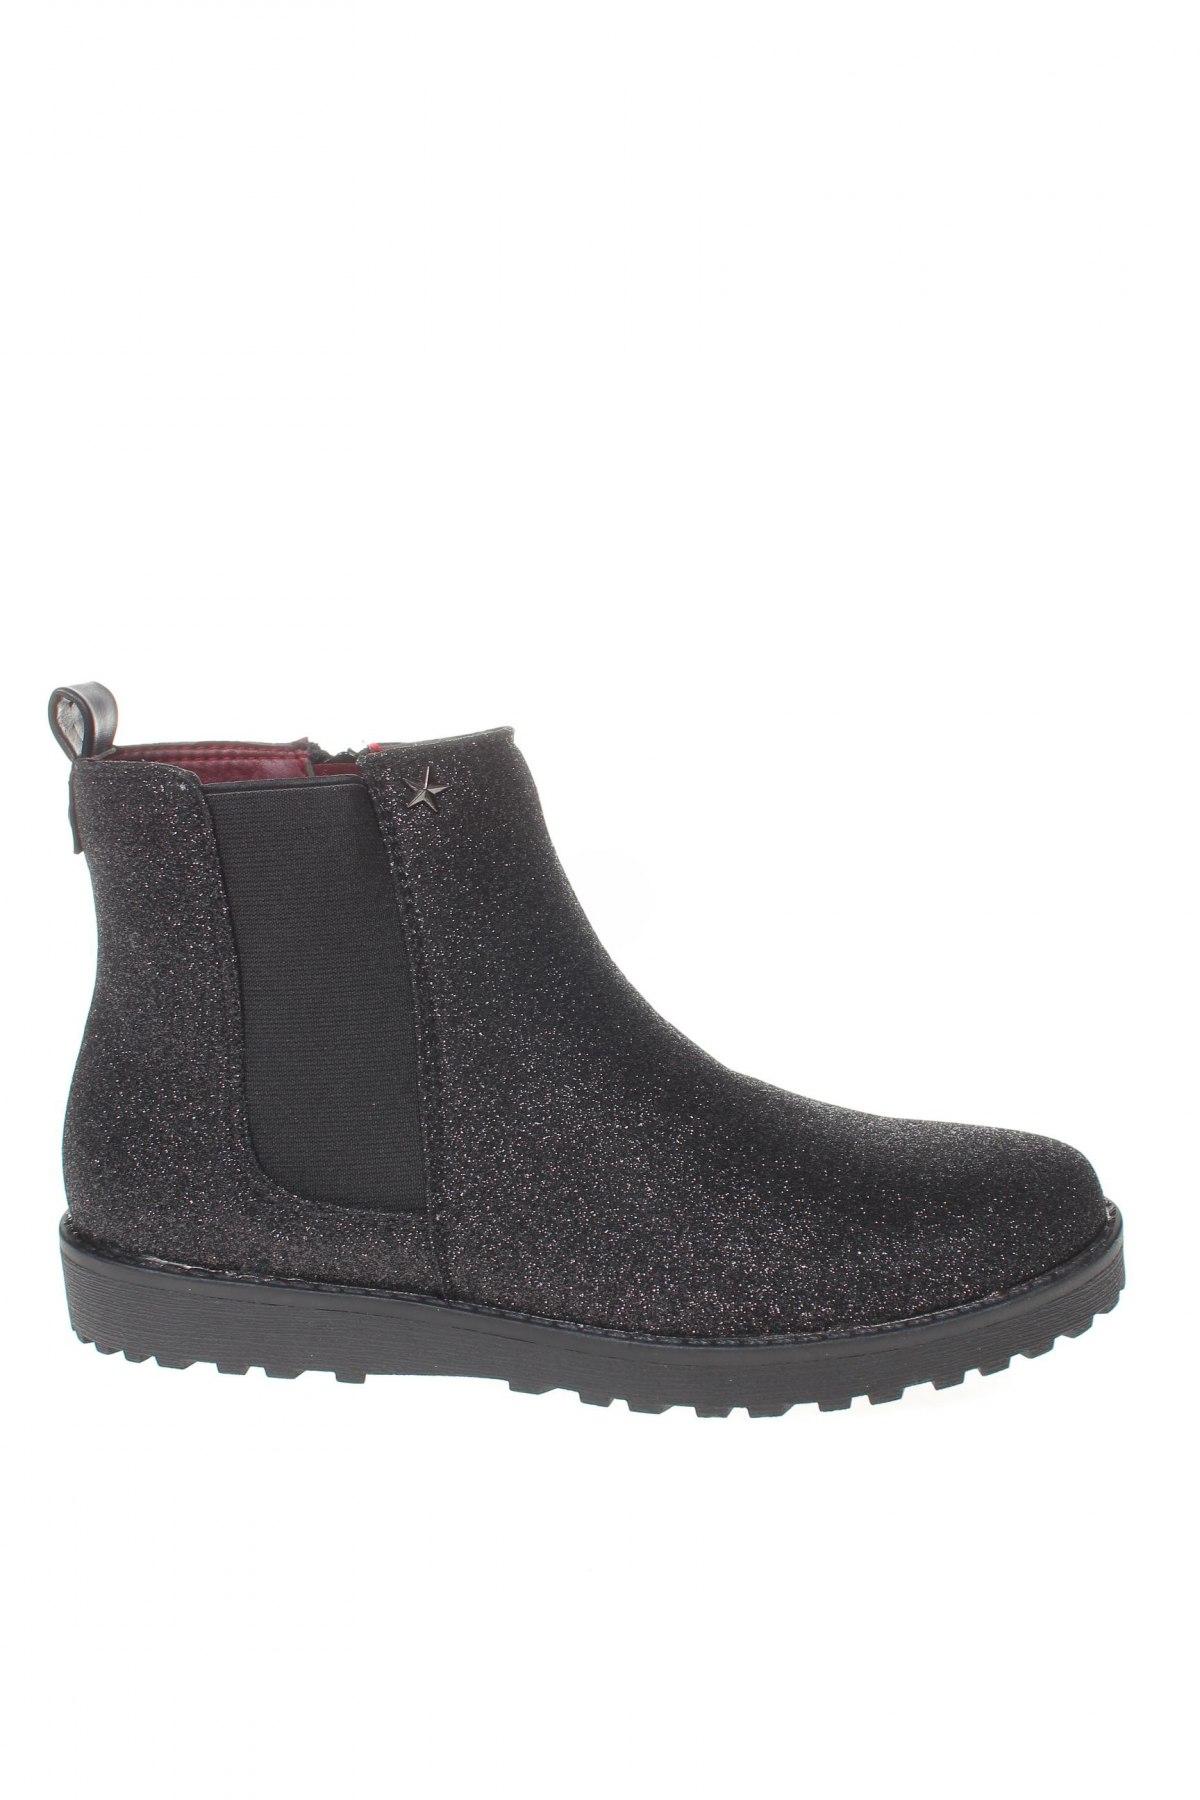 Παιδικά παπούτσια Gioseppo, Μέγεθος 35, Χρώμα Μαύρο, Δερματίνη, Τιμή 12,85€